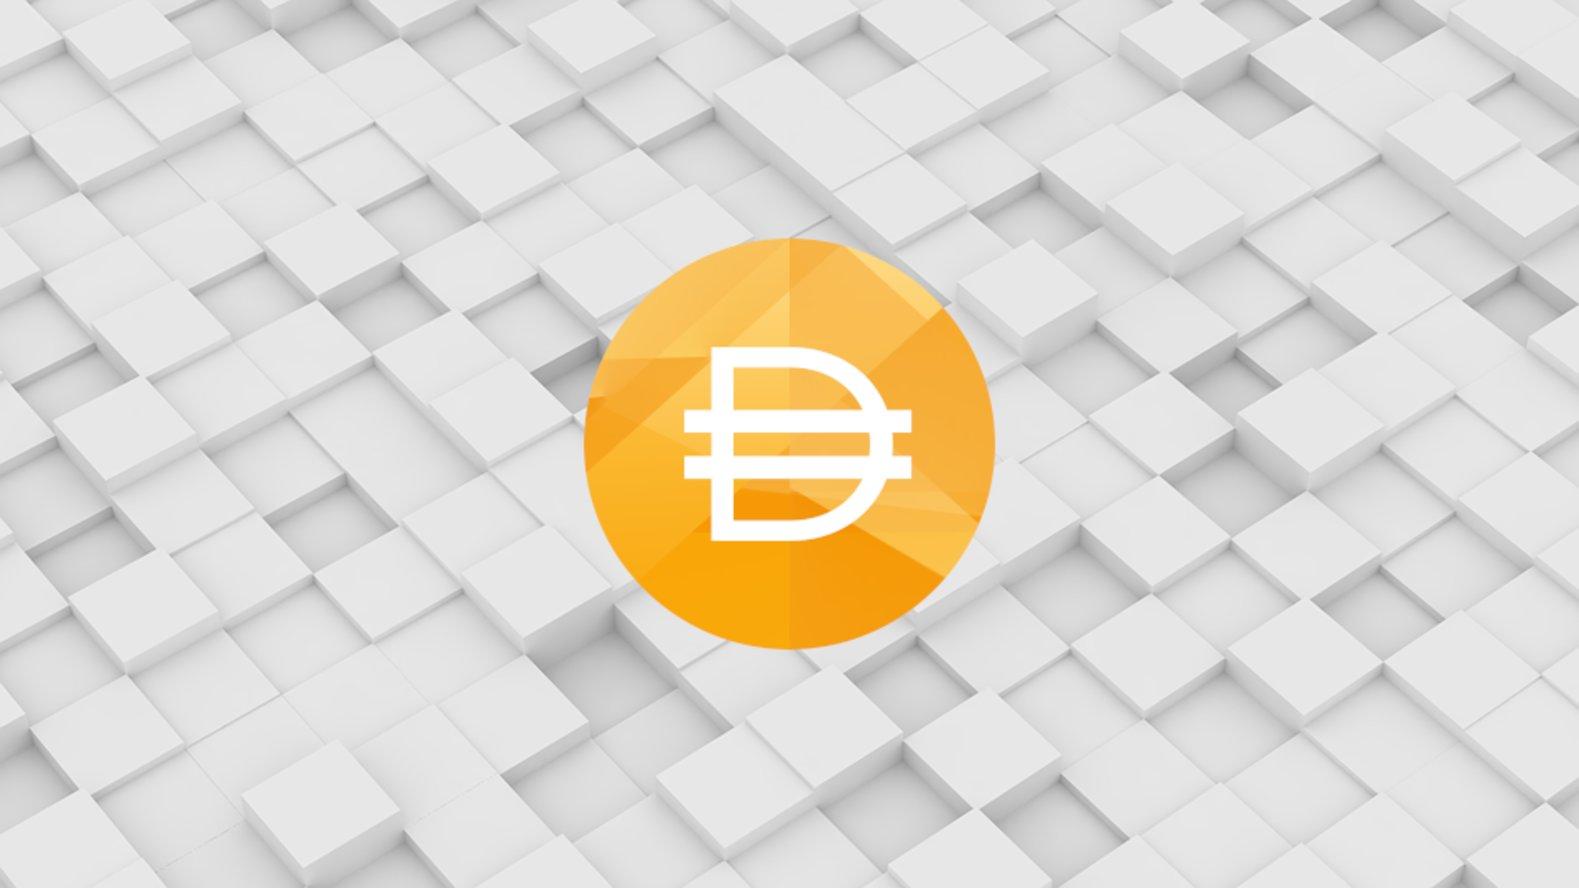 Dai Stablecoin已添加到Coinbase商业平台